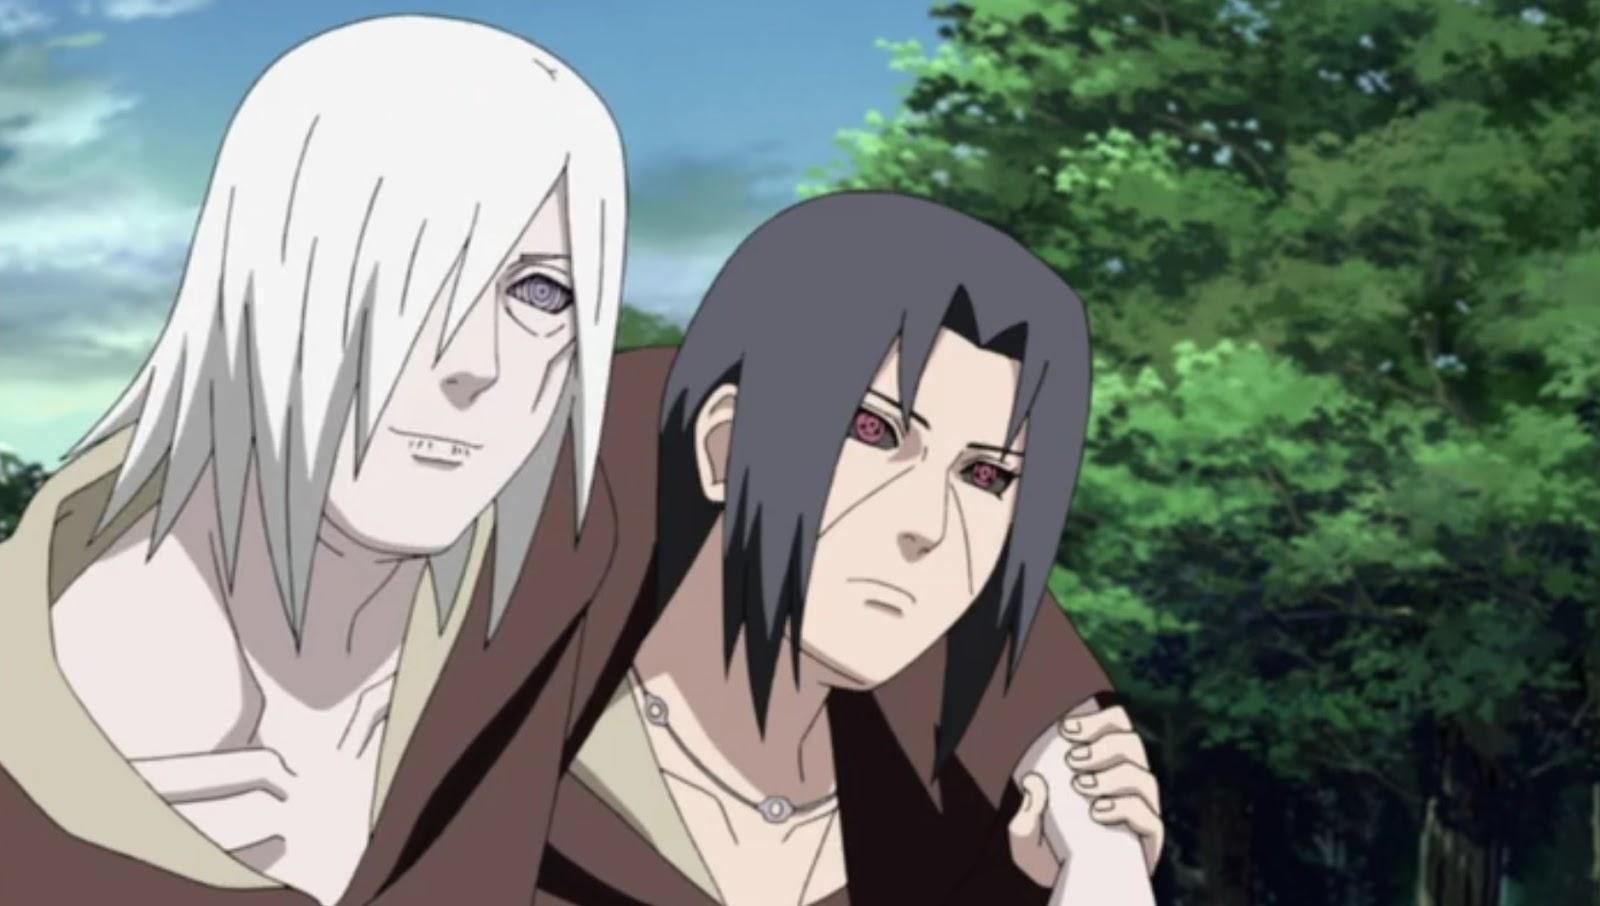 Naruto Shippuden Episódio 298, Assistir Naruto Shippuden Episódio 298, Assistir Naruto Shippuden Todos os Episódios Legendado, Naruto Shippuden episódio 298,HD